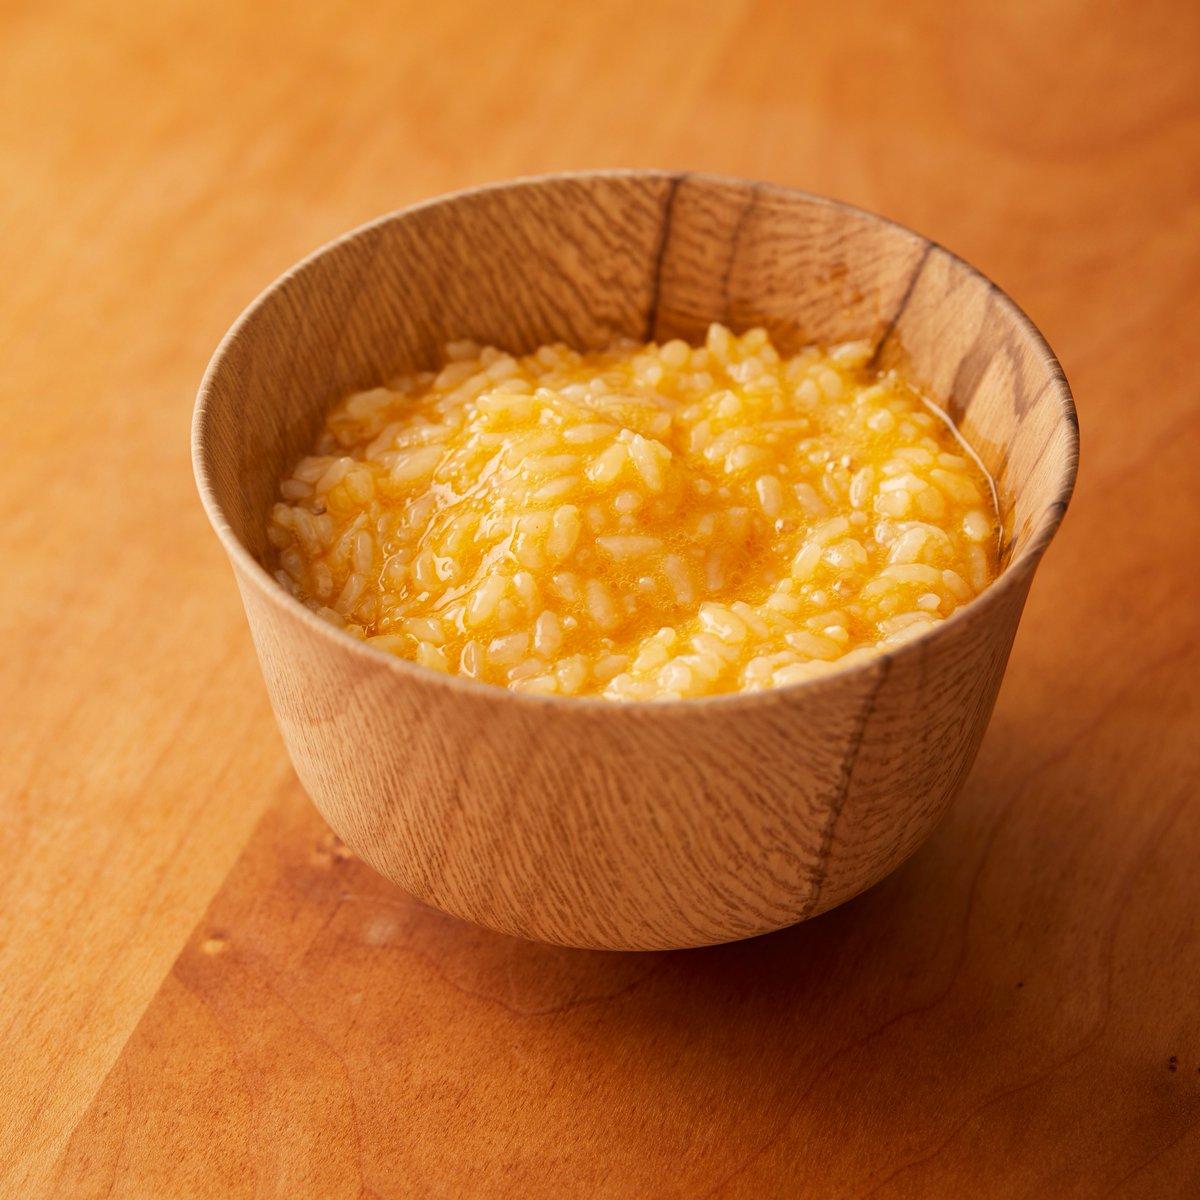 コイツ、、、試作で卵50個以上消費して終盤は試食しすぎで味が分からなくなって、友達にも食べてもらってようやく完成した逸材なんで 良かったら試してやってください…  【極上の卵かけご飯】  卵白にだしの素、醤油、砂糖を入れて1分30秒箸で全力で混ぜてご飯に卵黄と一緒にのせる。完成!